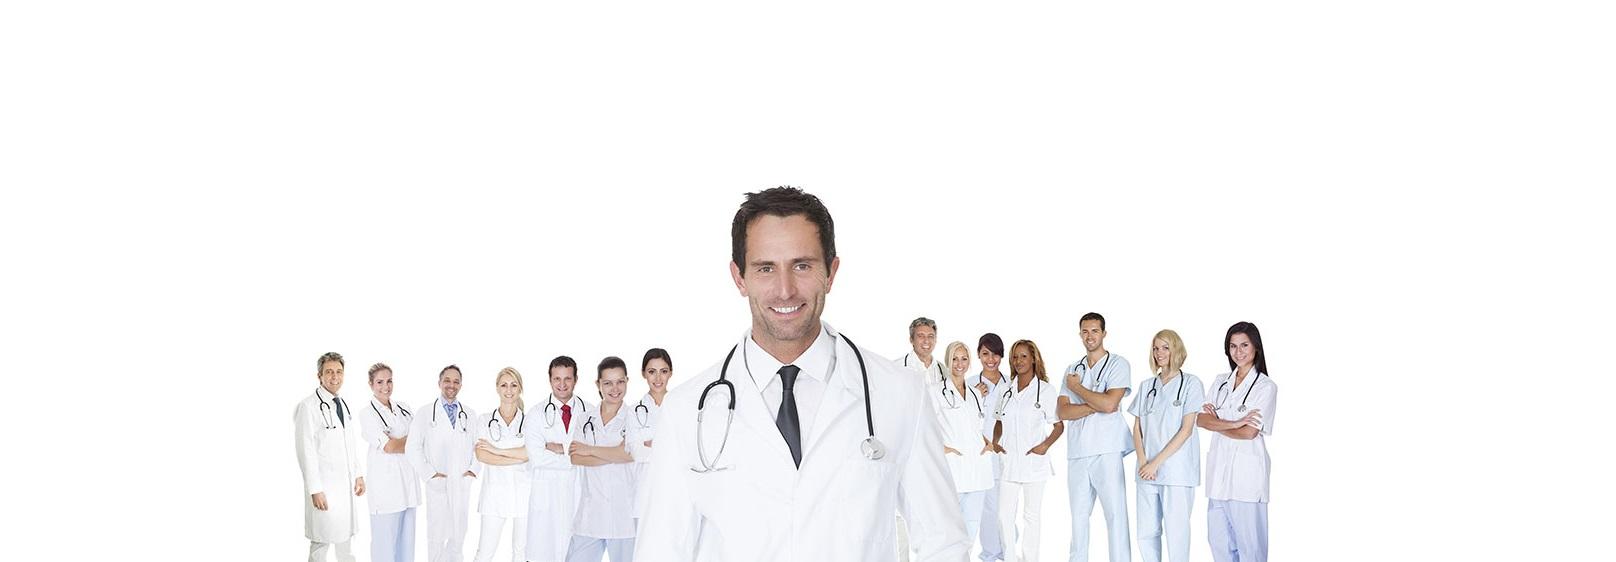 Healthcare Regulations